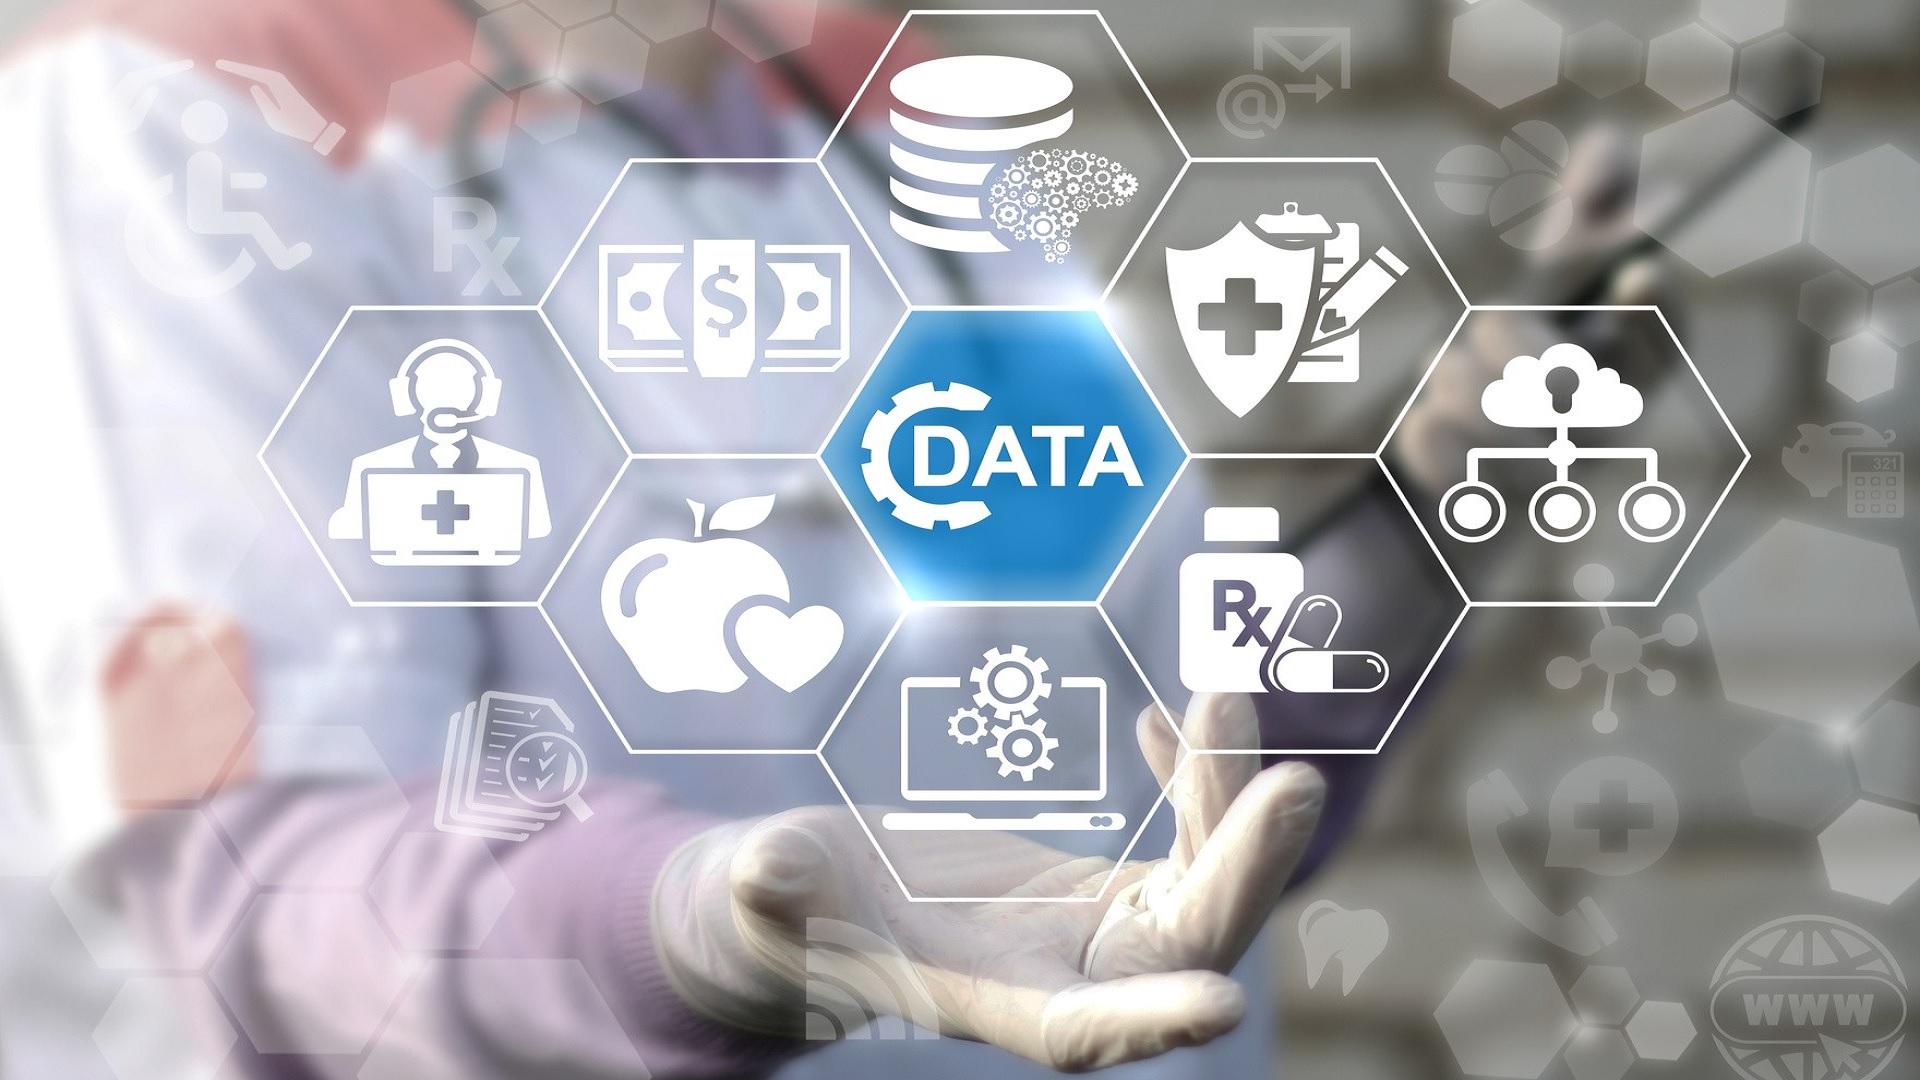 Απόρρητο προσωπικά δεδομένα: Big data και διαχείριση στην υγεία